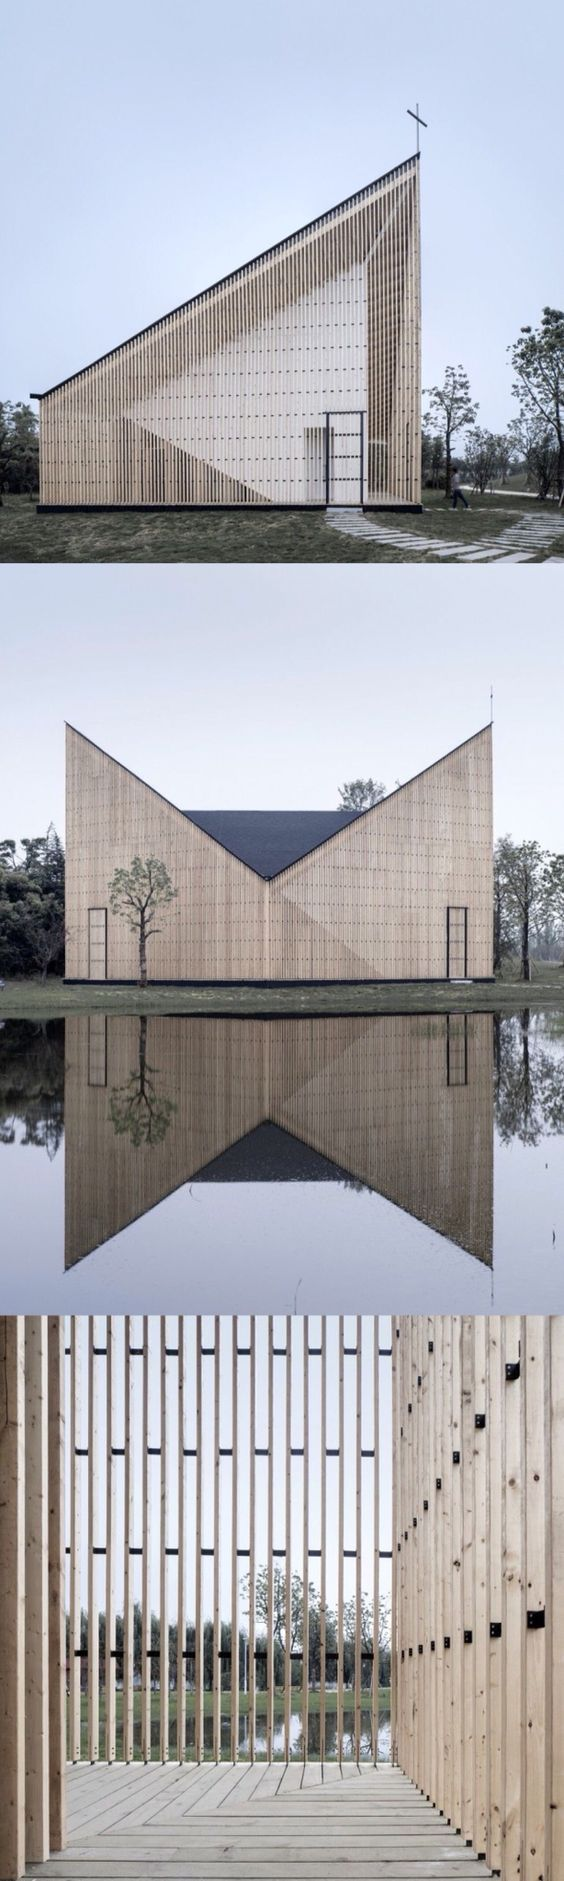 Nanjing Wanjing Garden Chapel / AZL Architects: